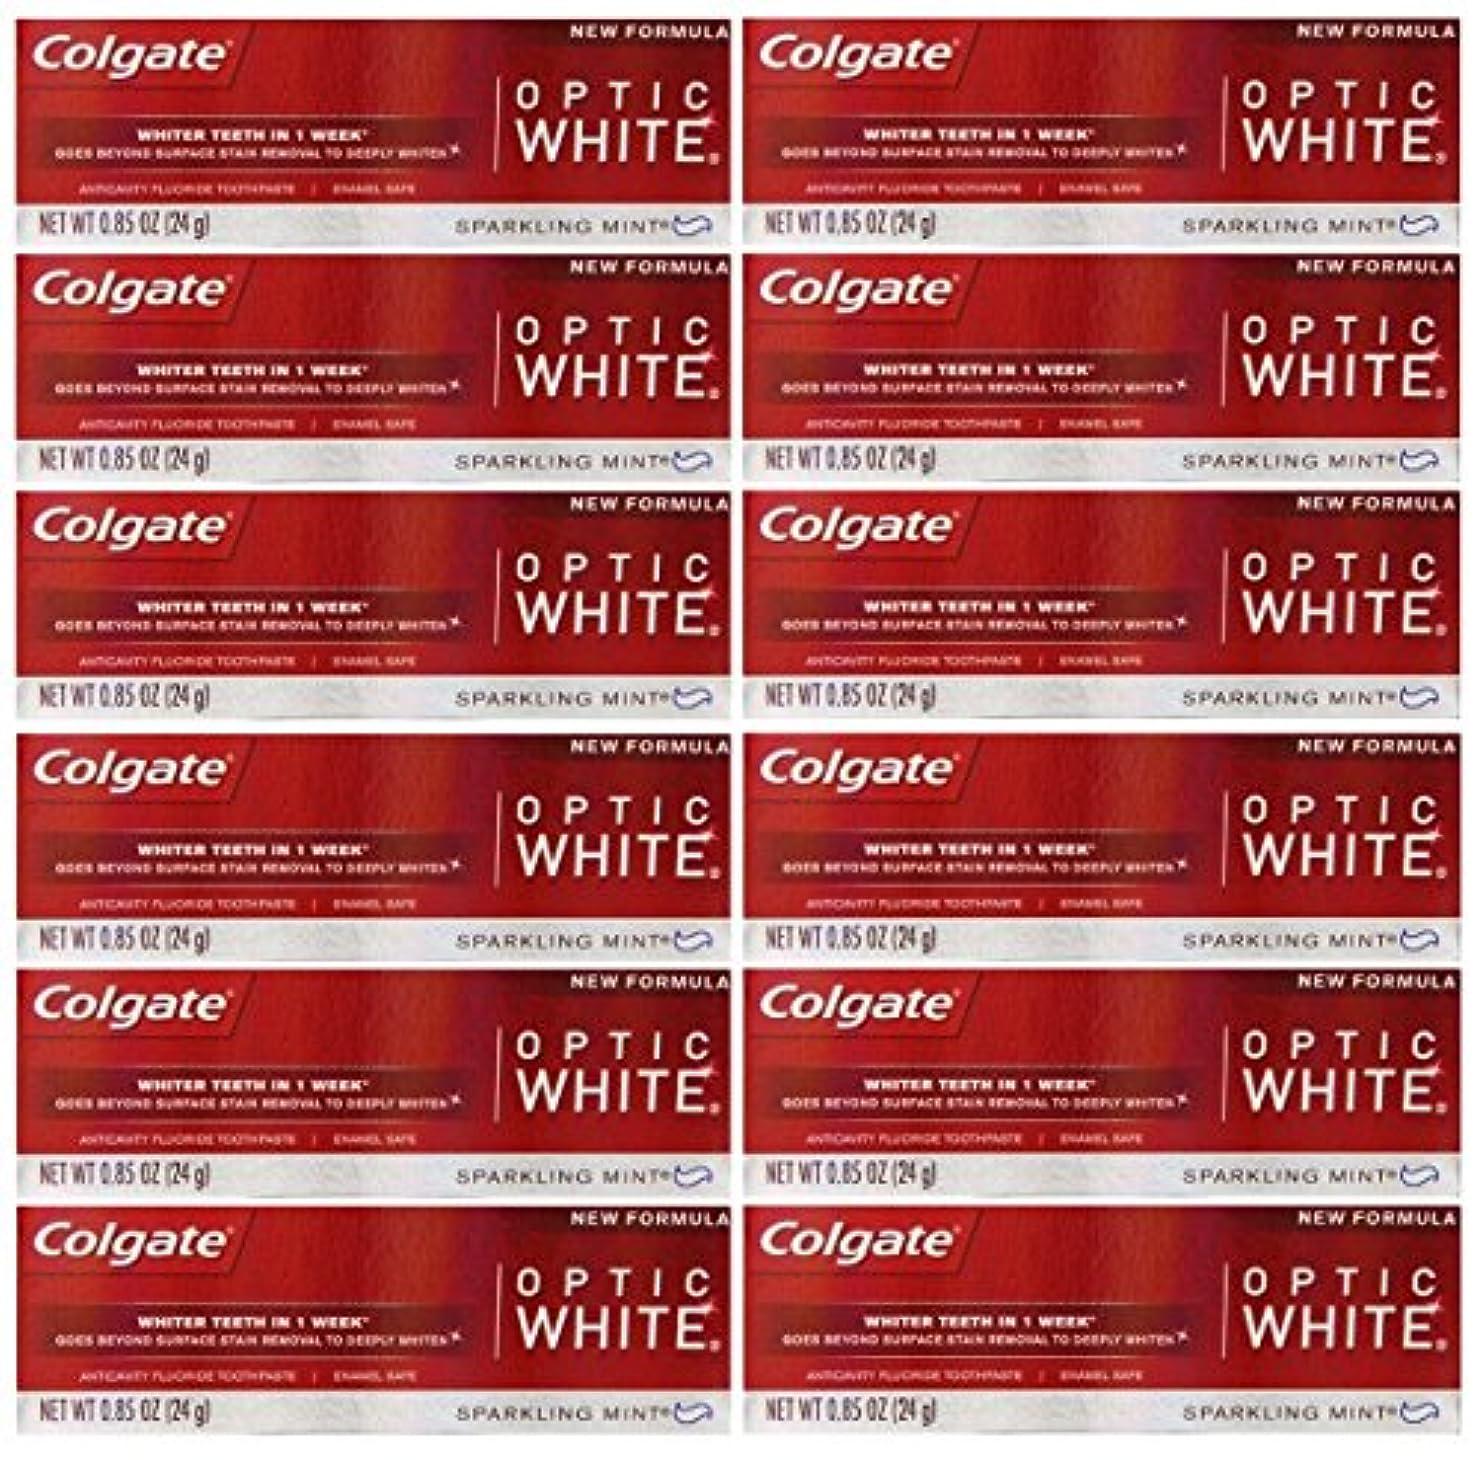 エールクリスチャン過度のColgate 12パック - ハミガキ、スパークリングホワイト、スパークリングミント、トラベルサイズ0.85オンスホワイトニングオプティックホワイト歯